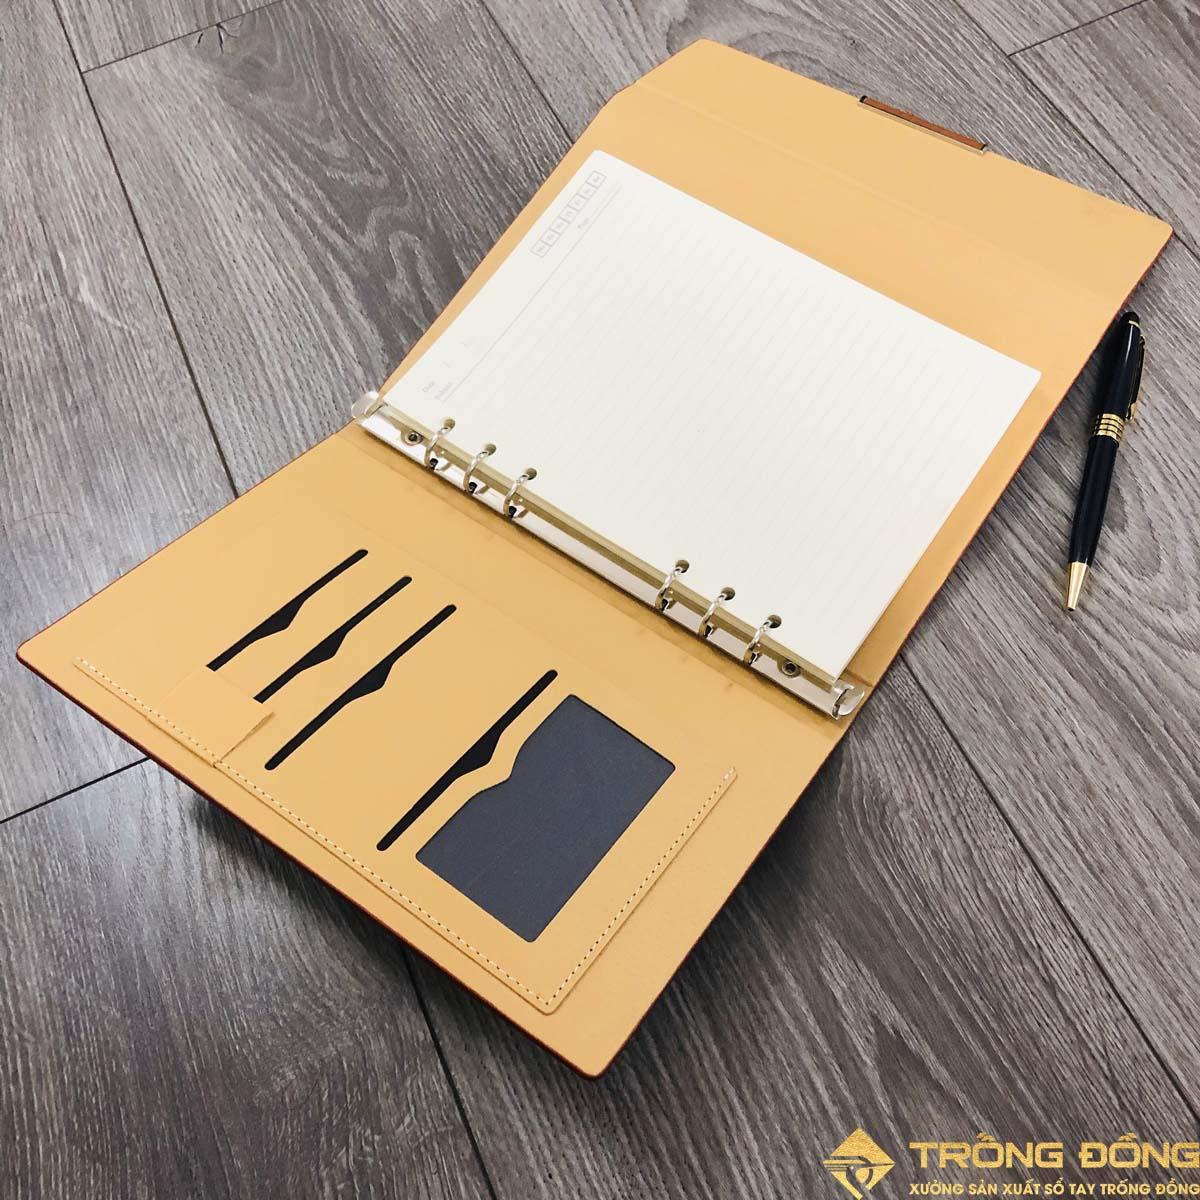 Bên trong bìa sổ có các ngăn đựng thẻ name card và quai cài bút